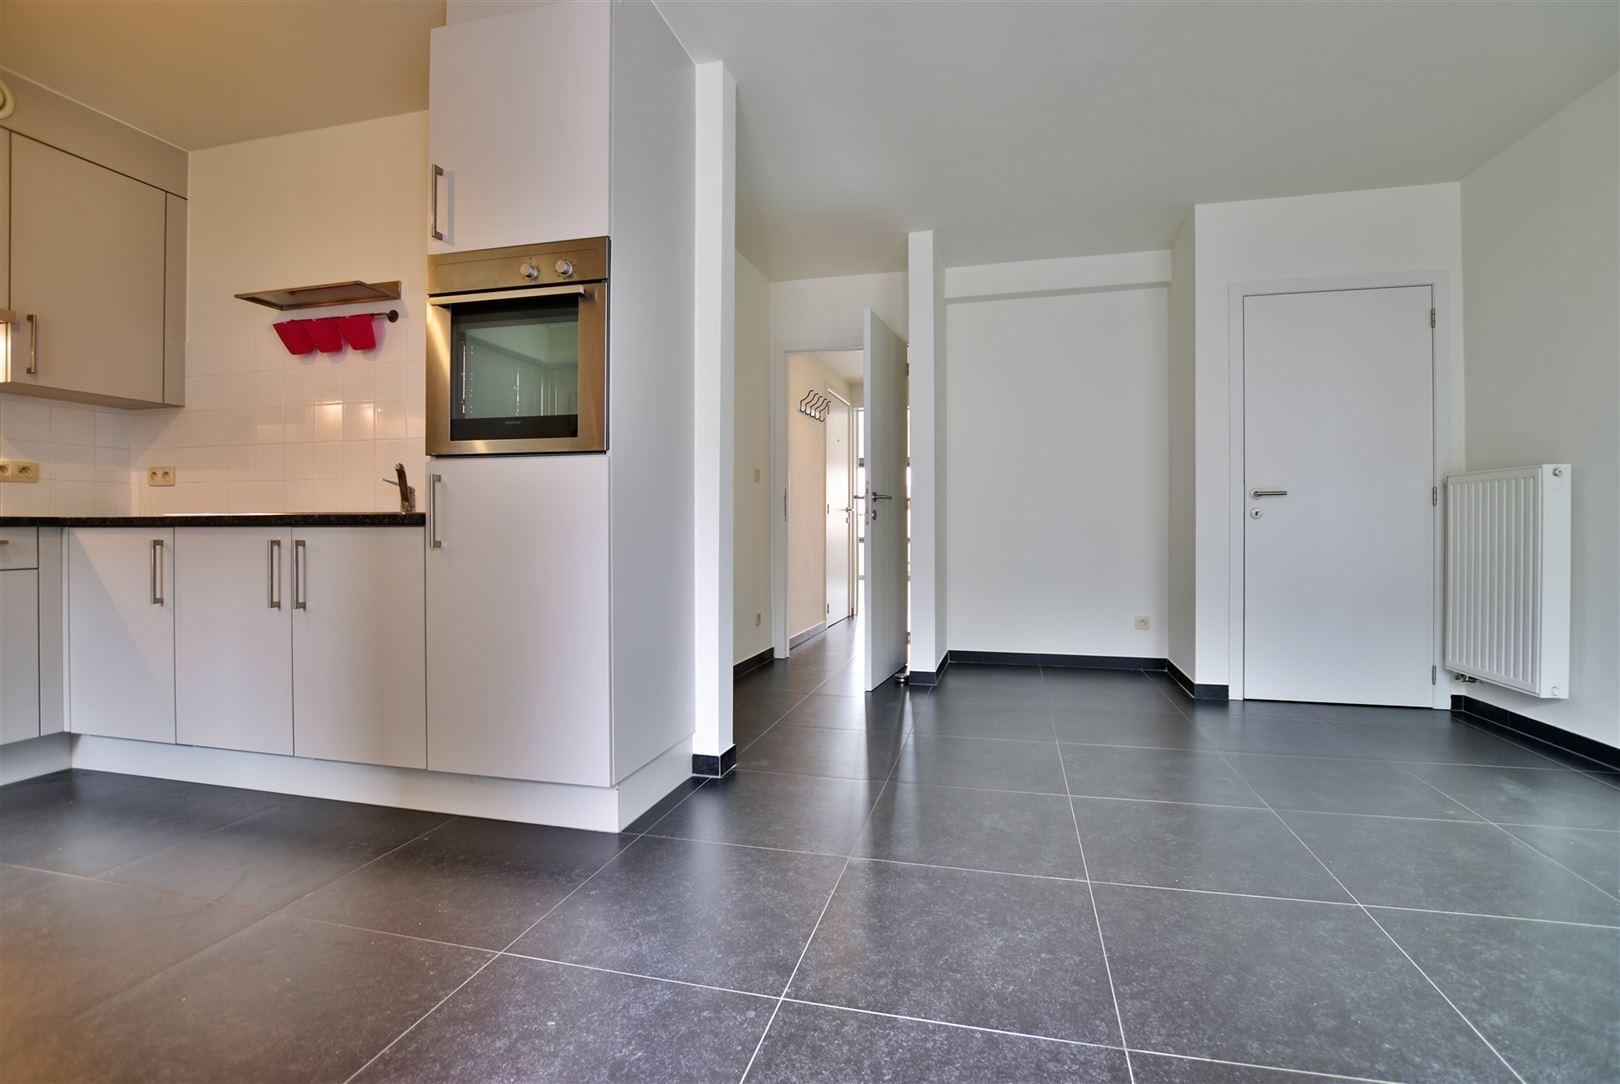 Foto 6 : Appartement te 9200 Sint-Gillis-bij-Dendermonde (België) - Prijs € 278.000